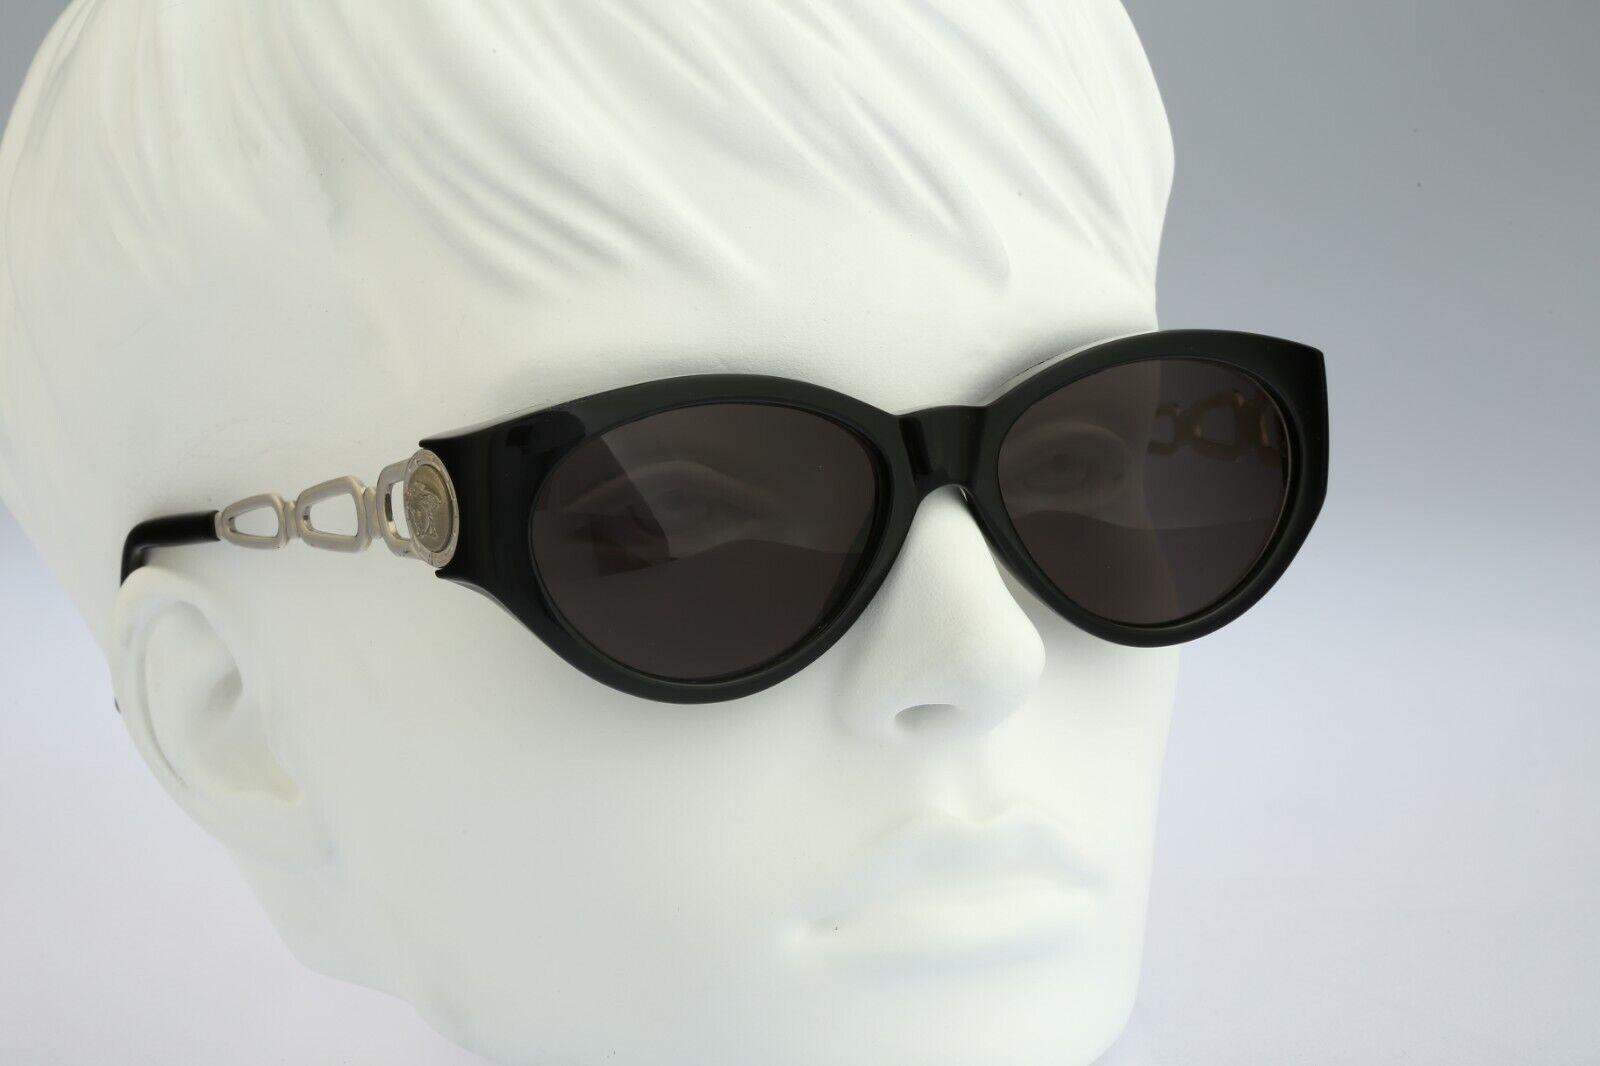 Gianni Versace 490 N52, 90s Vintage cat eye sungl… - image 6